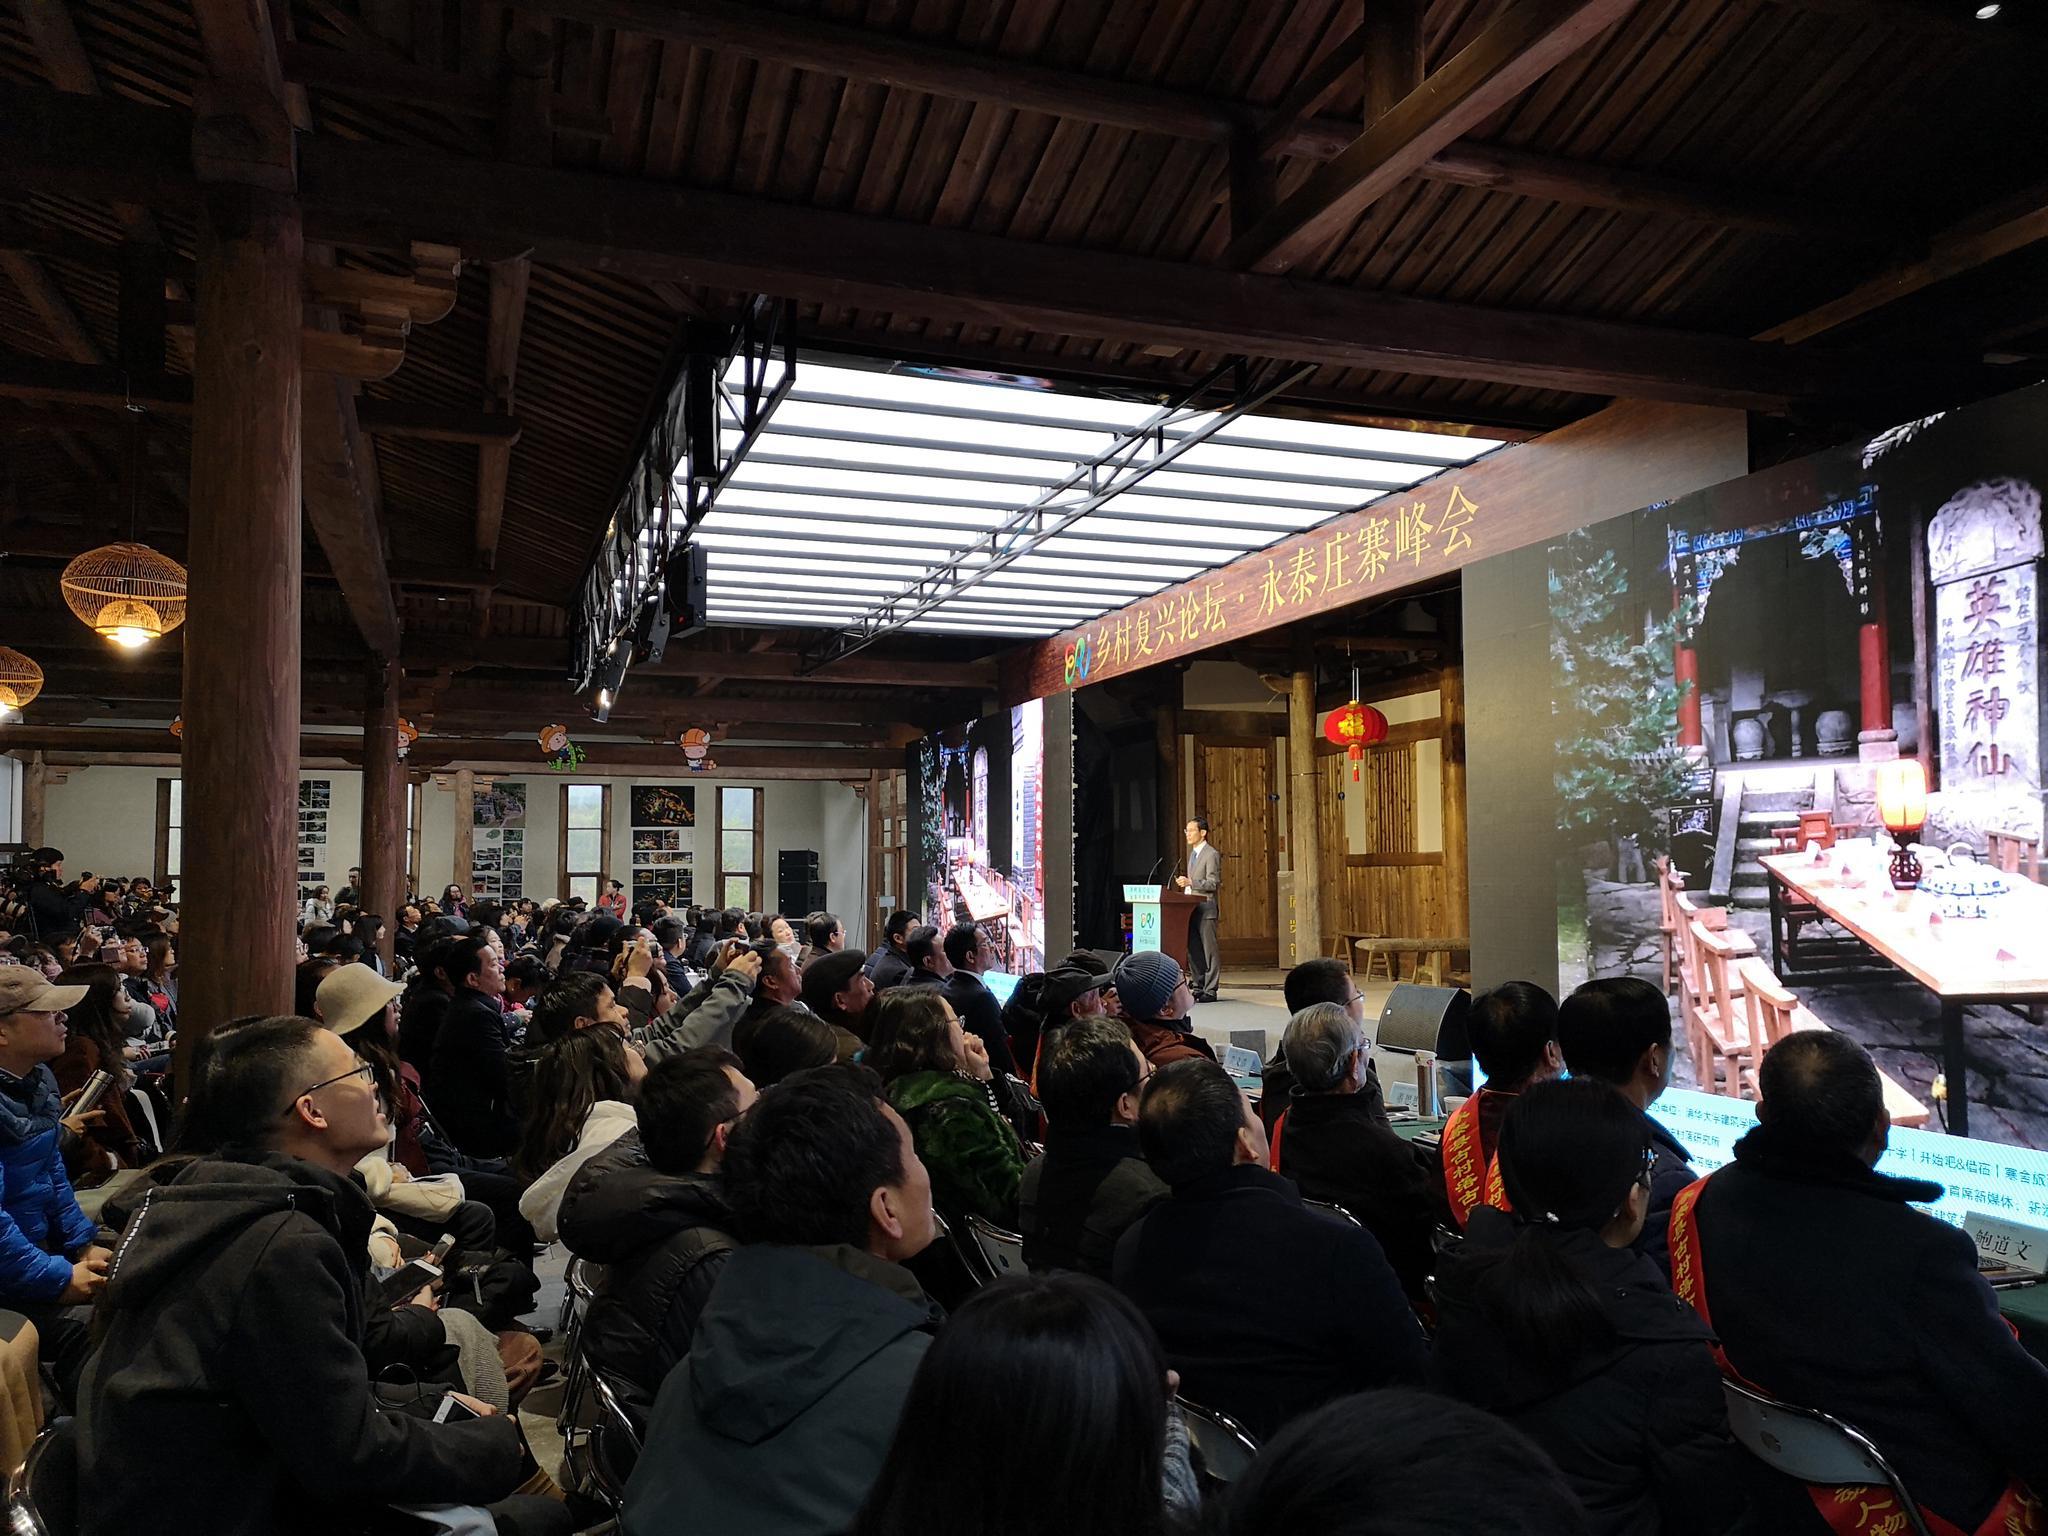 乡村复兴论坛·永泰庄寨峰会开幕